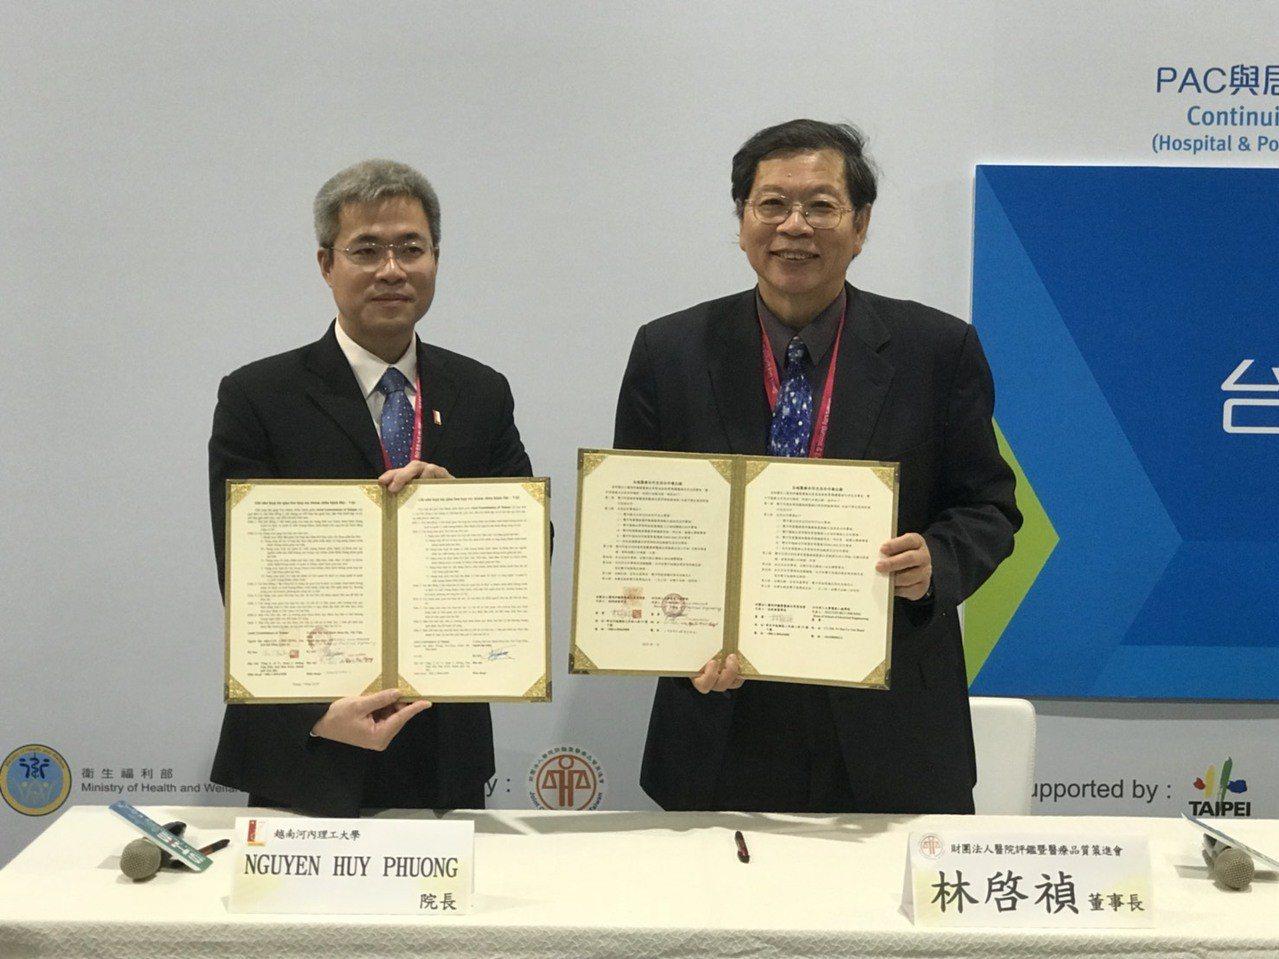 醫策會董事長林啟禎(右),同時與越南河內理工大學簽署MOU,其促進台越智慧醫療應...